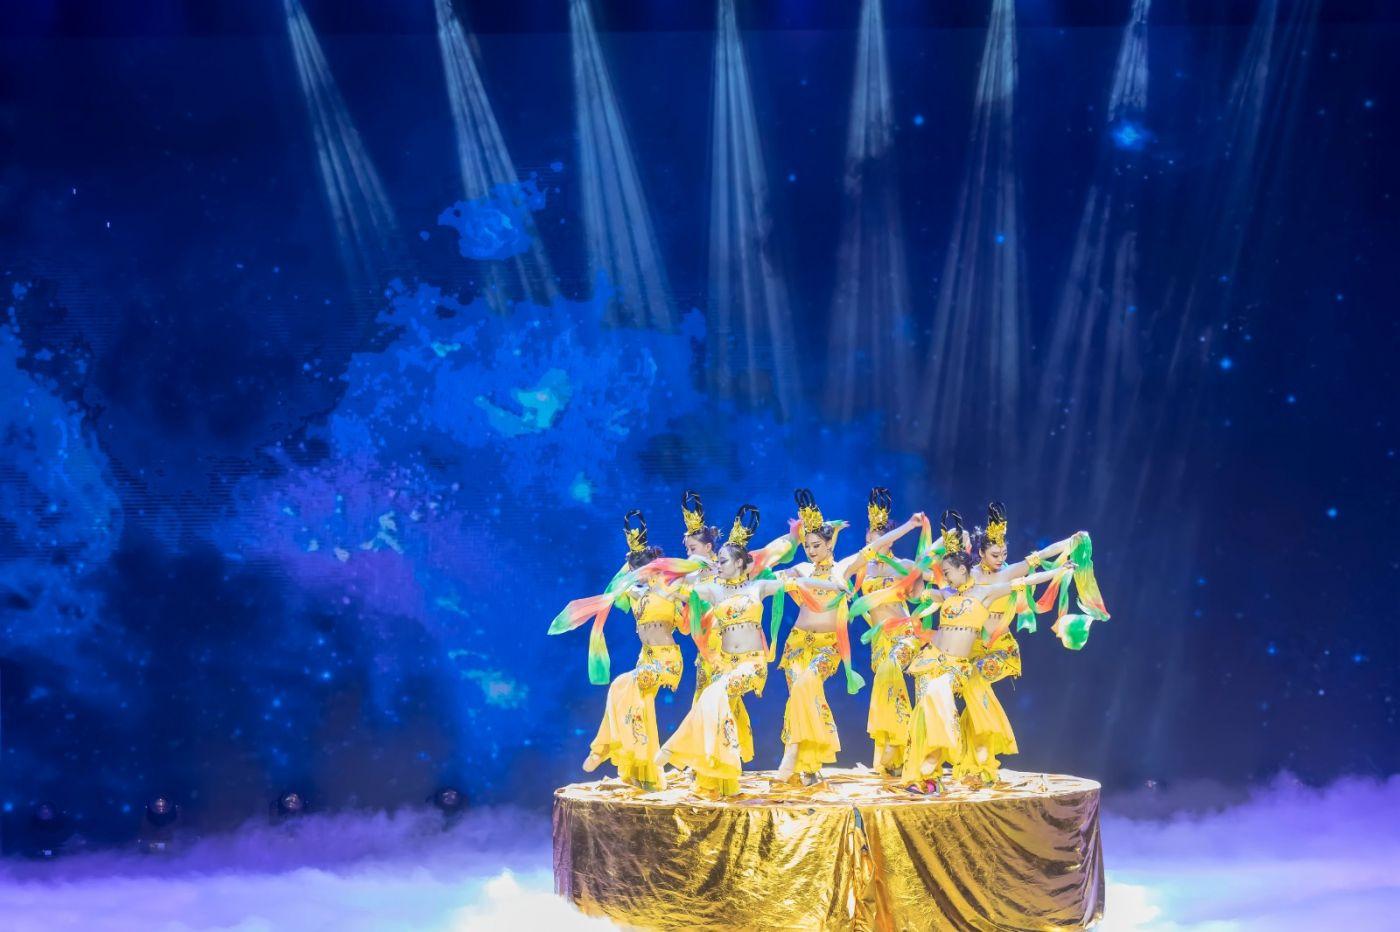 沂蒙大地上 有一种舞蹈叫飞天 这是几位临沂女孩的杰作 美轮美奂 ..._图1-21